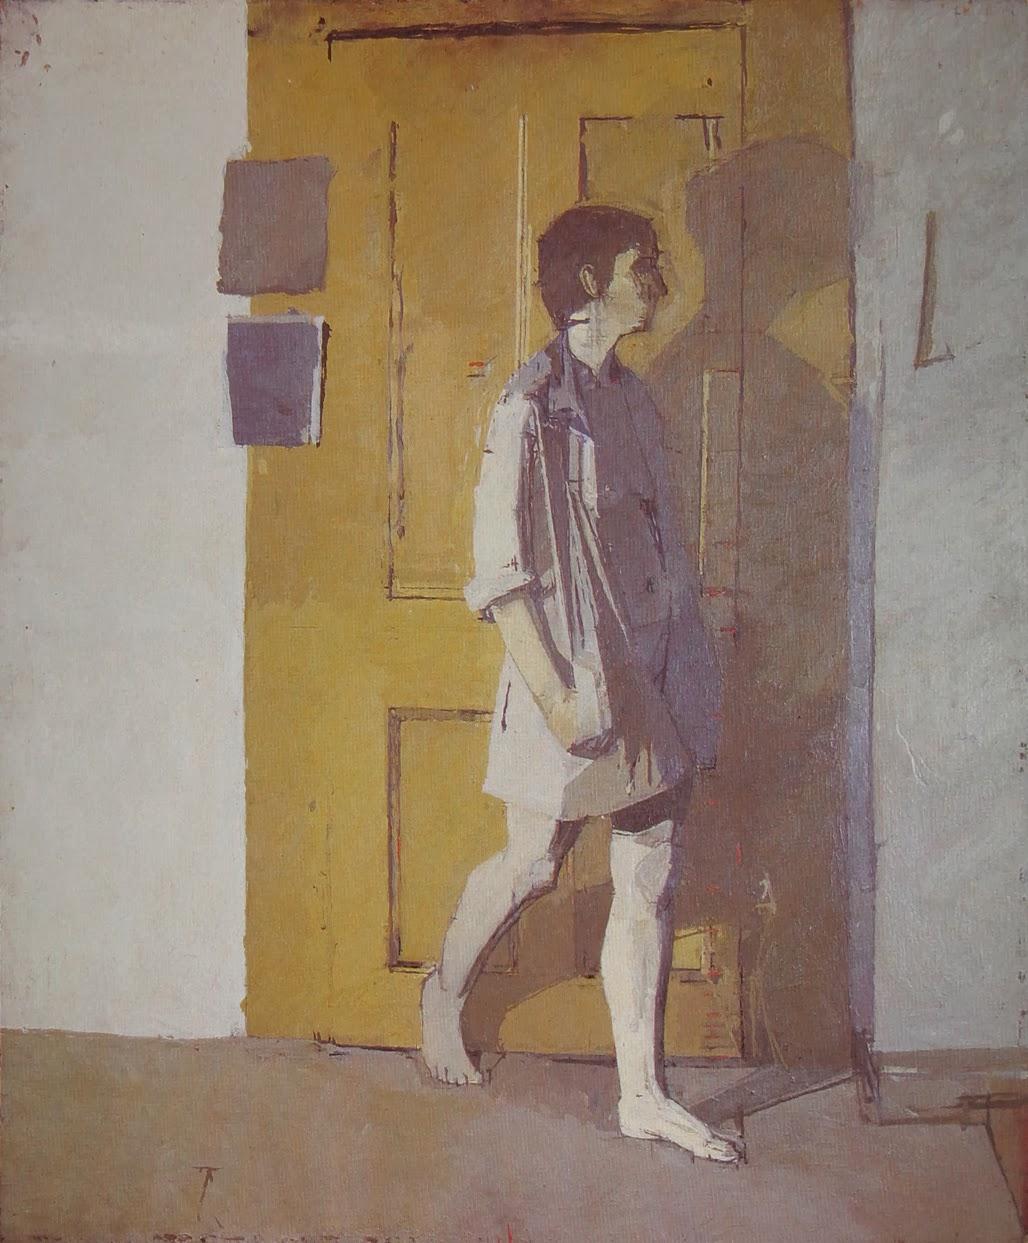 painting, figure painting, euan uglow, uglow